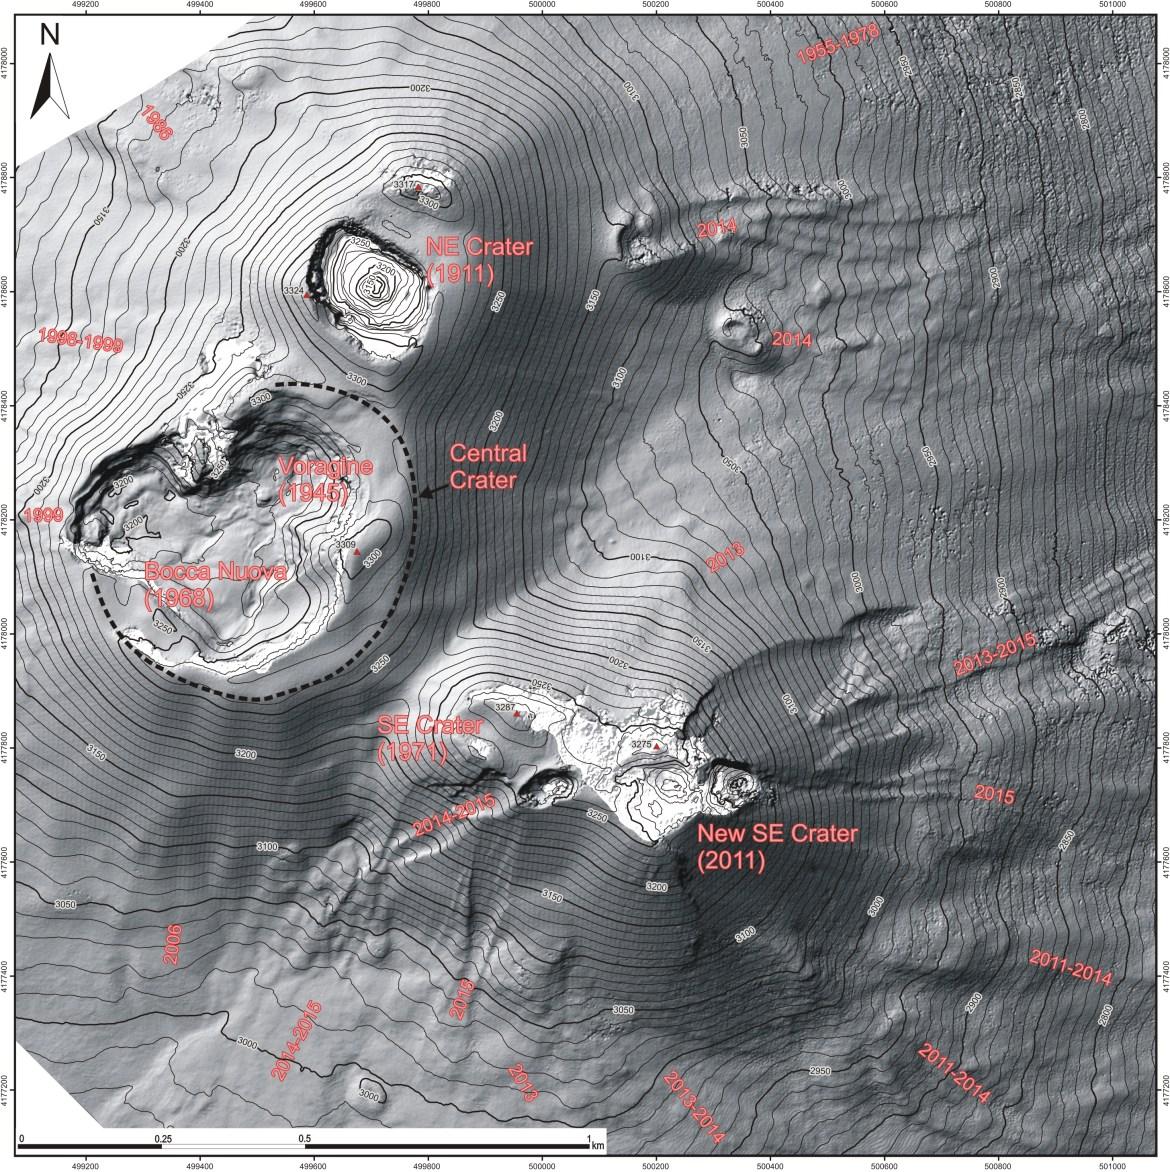 Mappa topografica dell'area sommitale dell'Etna, dicembre 2015